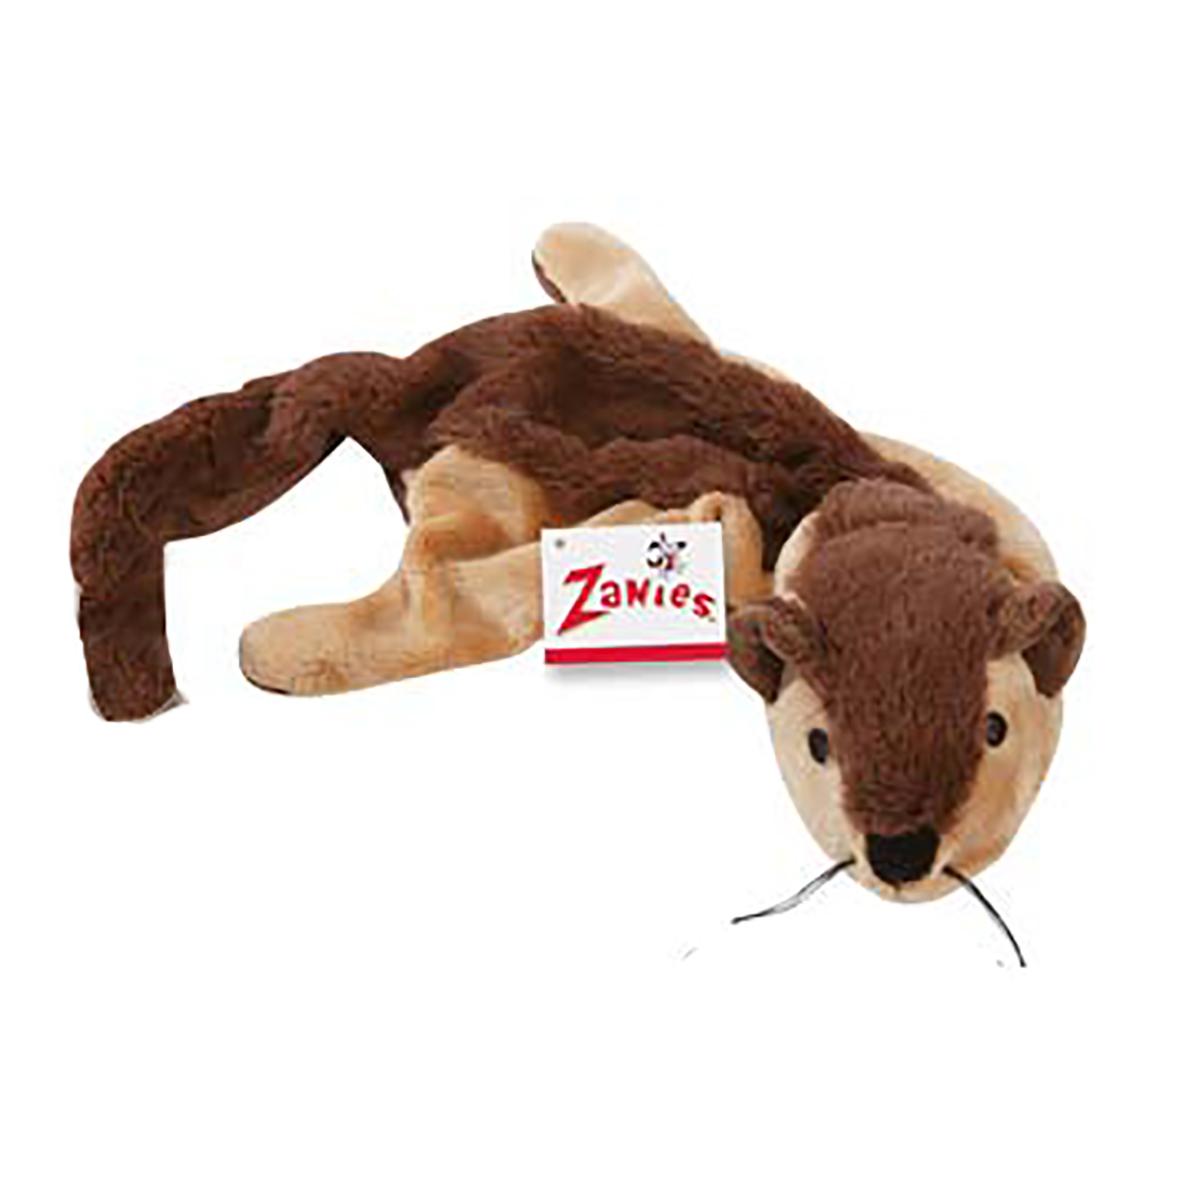 Zanies Unstuffies Critter Dog Toy - Chipmunk